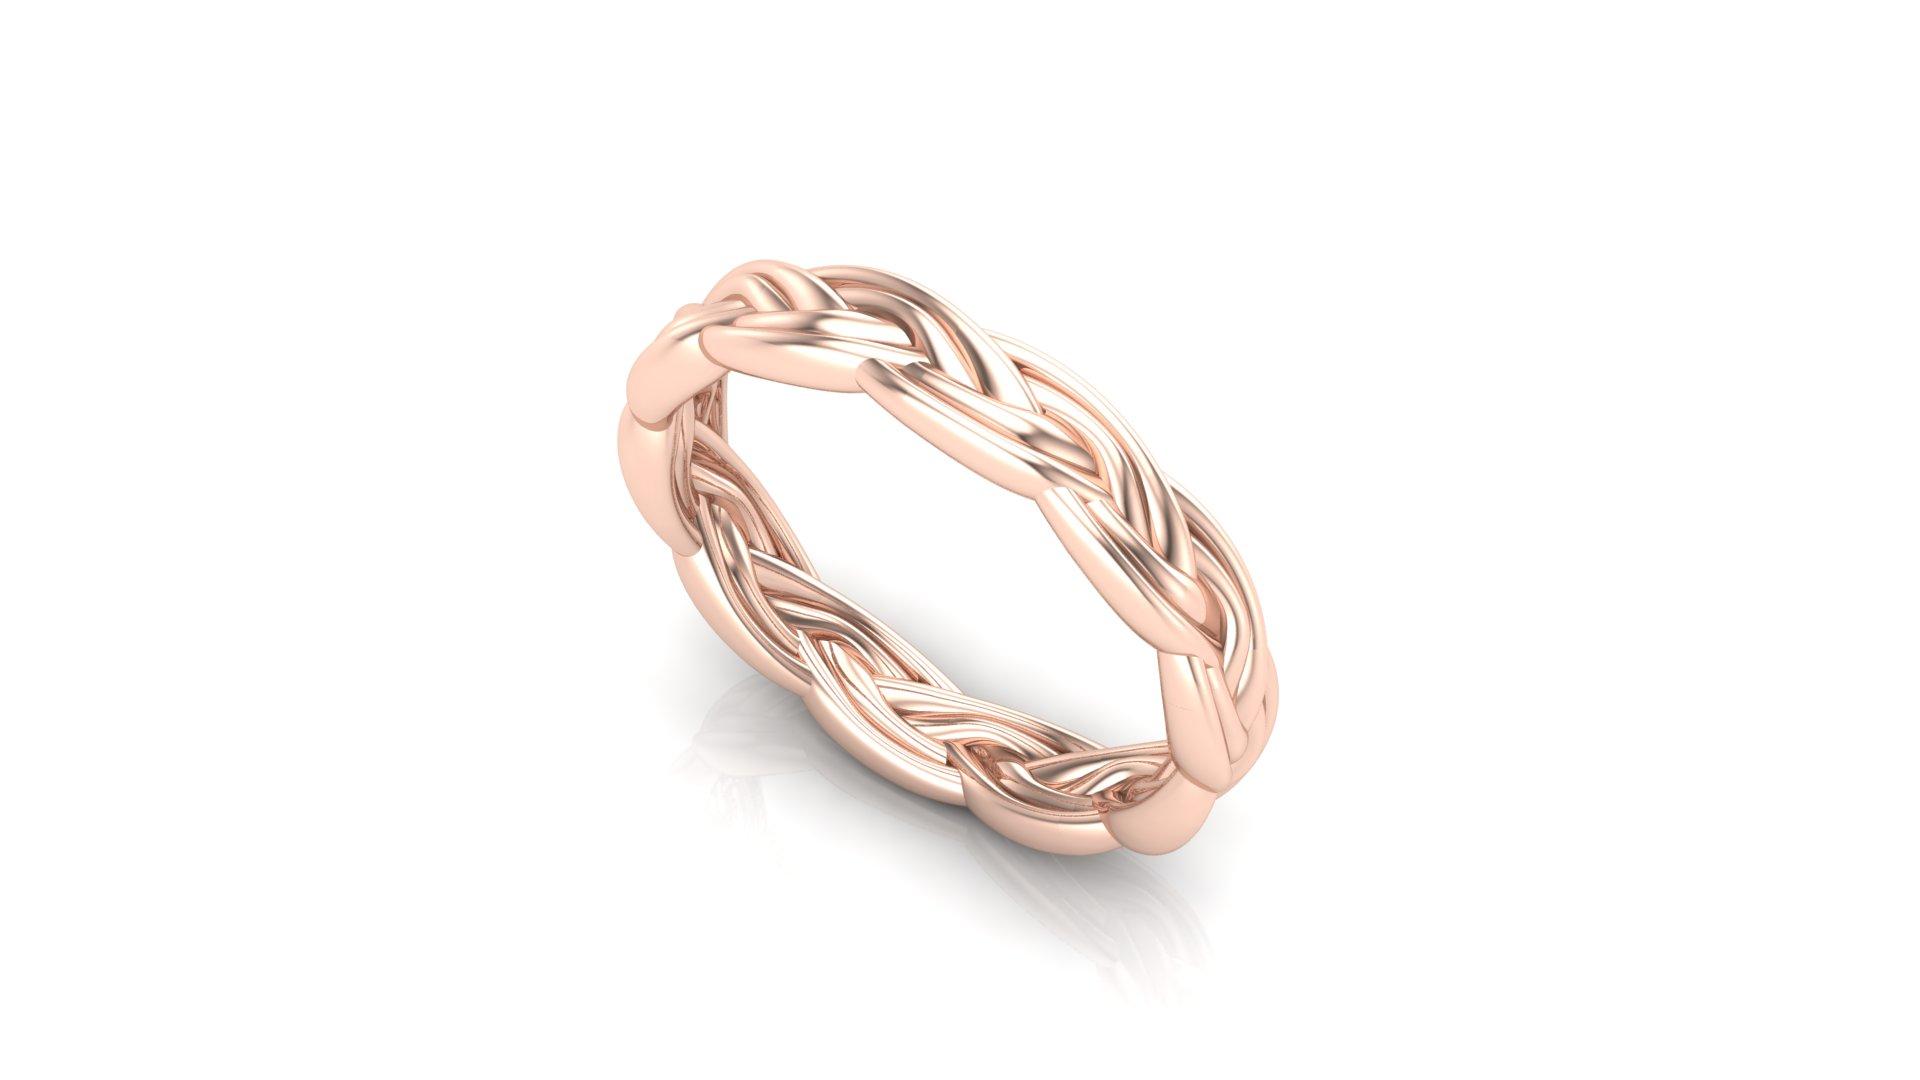 Rope Wedding Ring